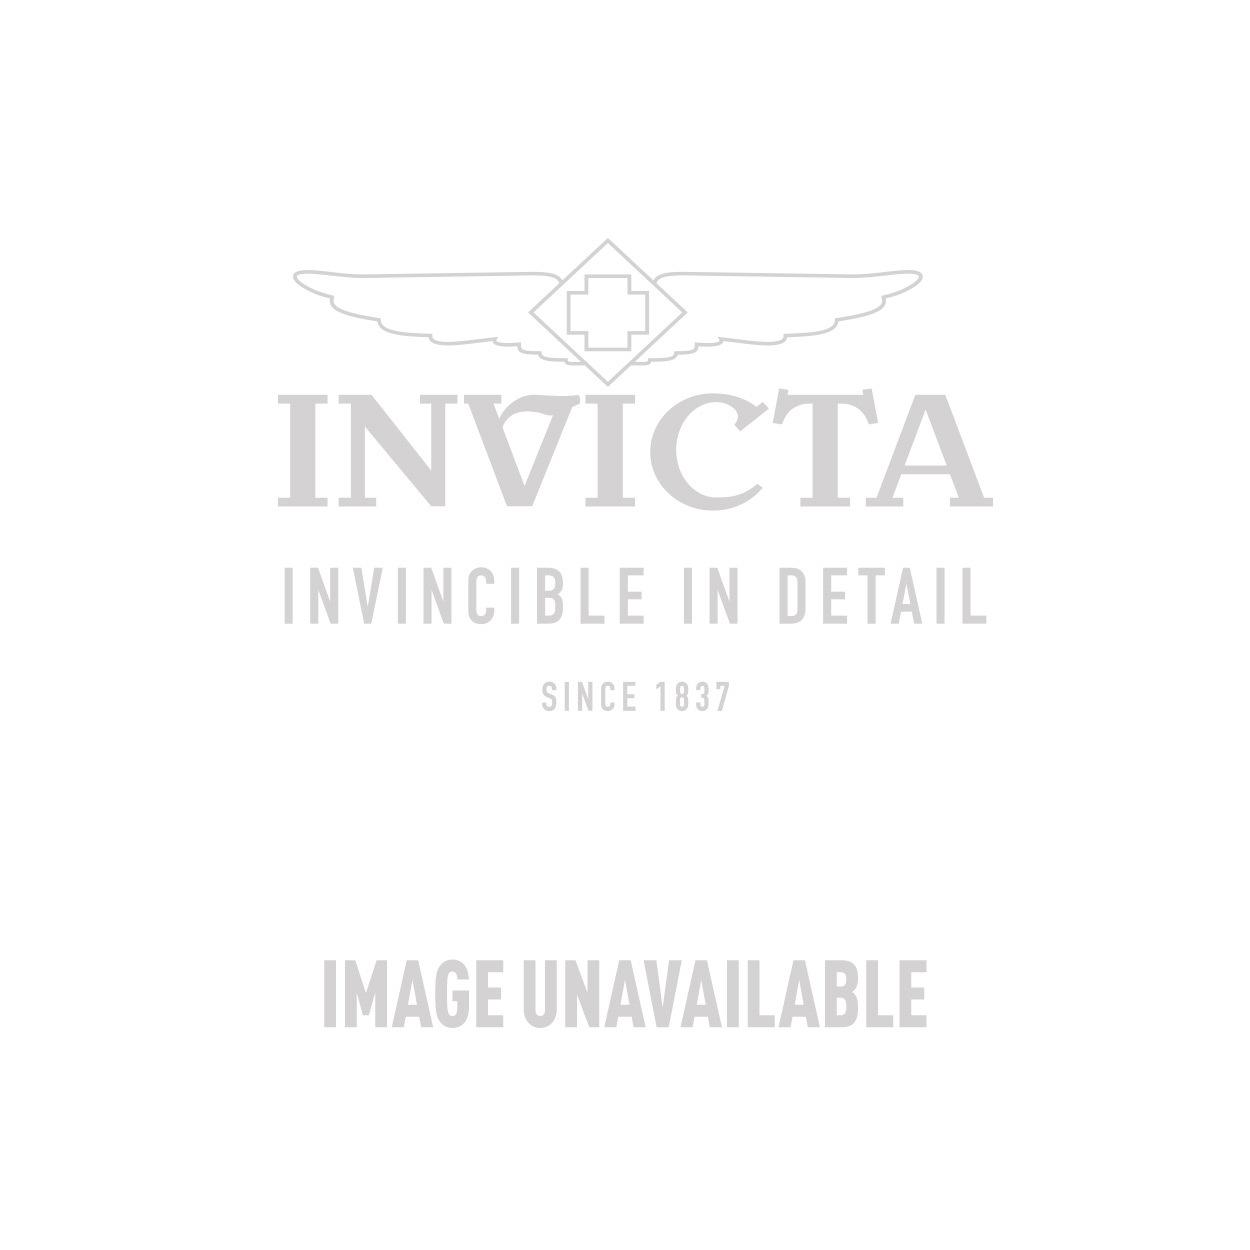 Invicta Model 24989